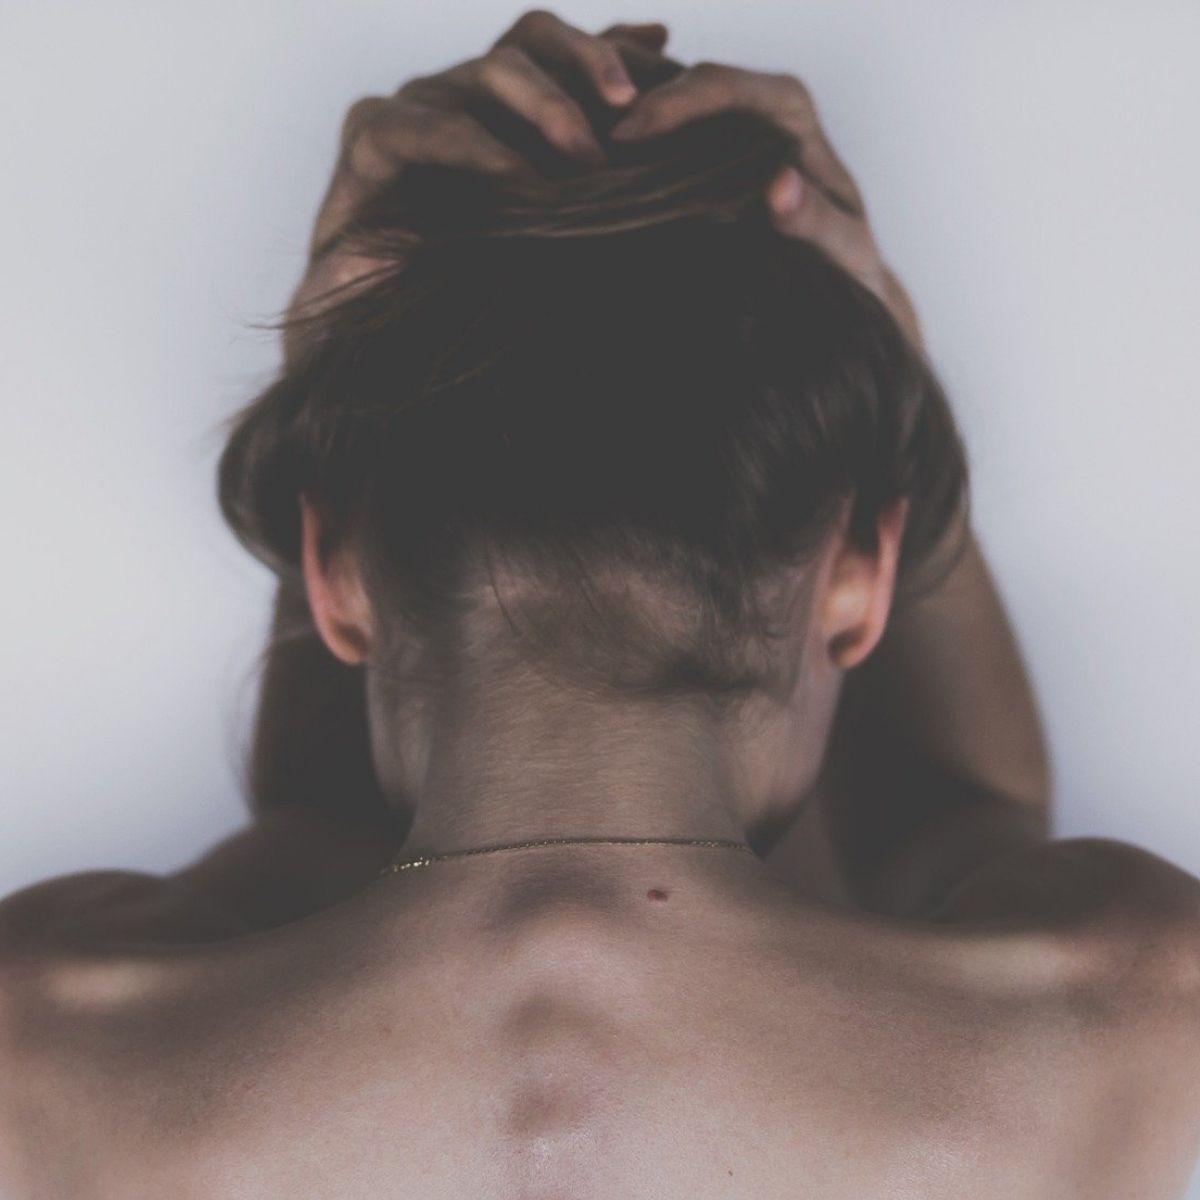 Der Lockdown schadet unserer psychischen Gesundheit